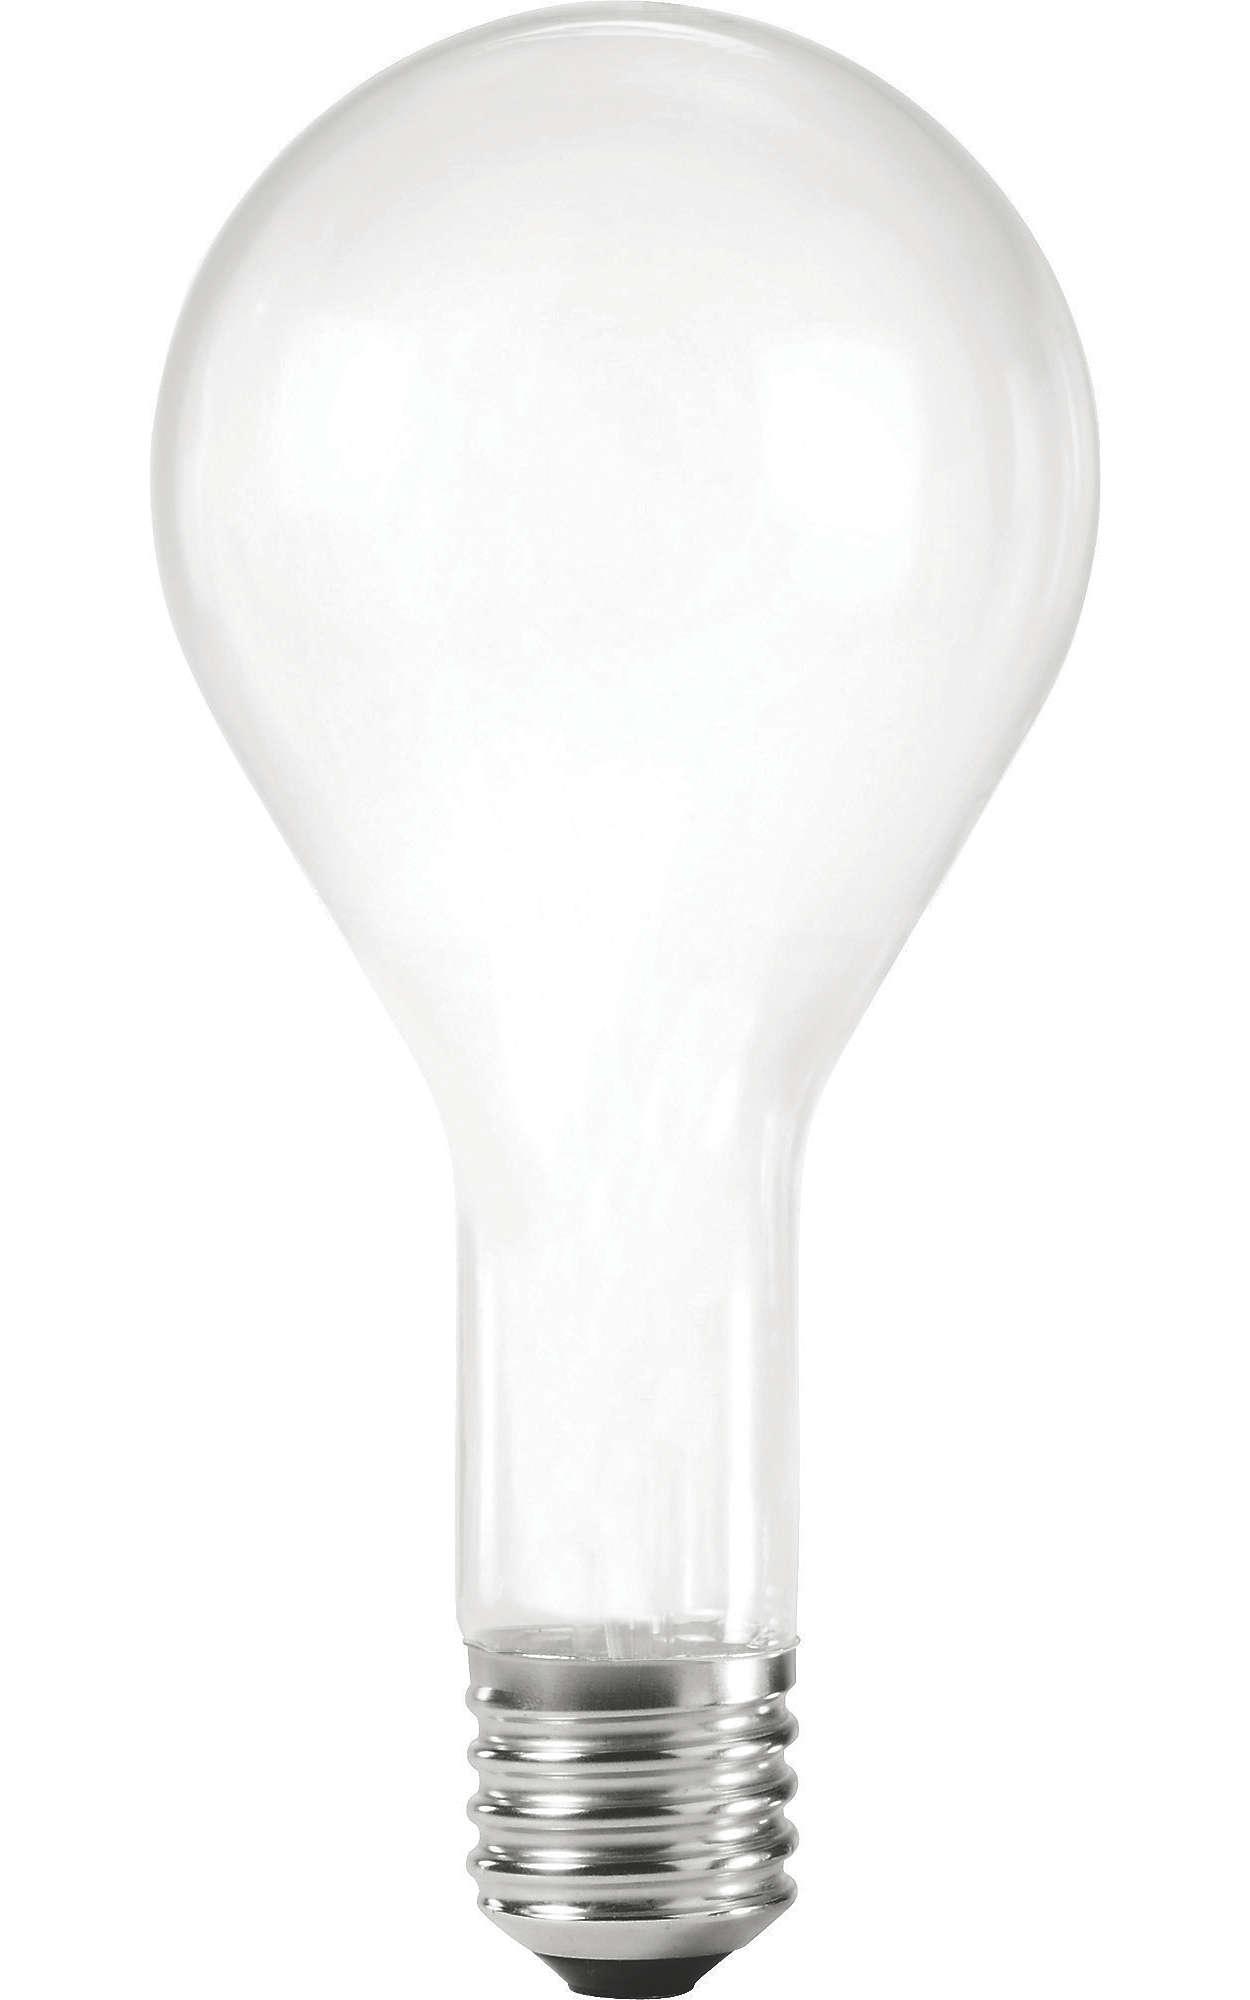 Rough Service Incandescent Lamps